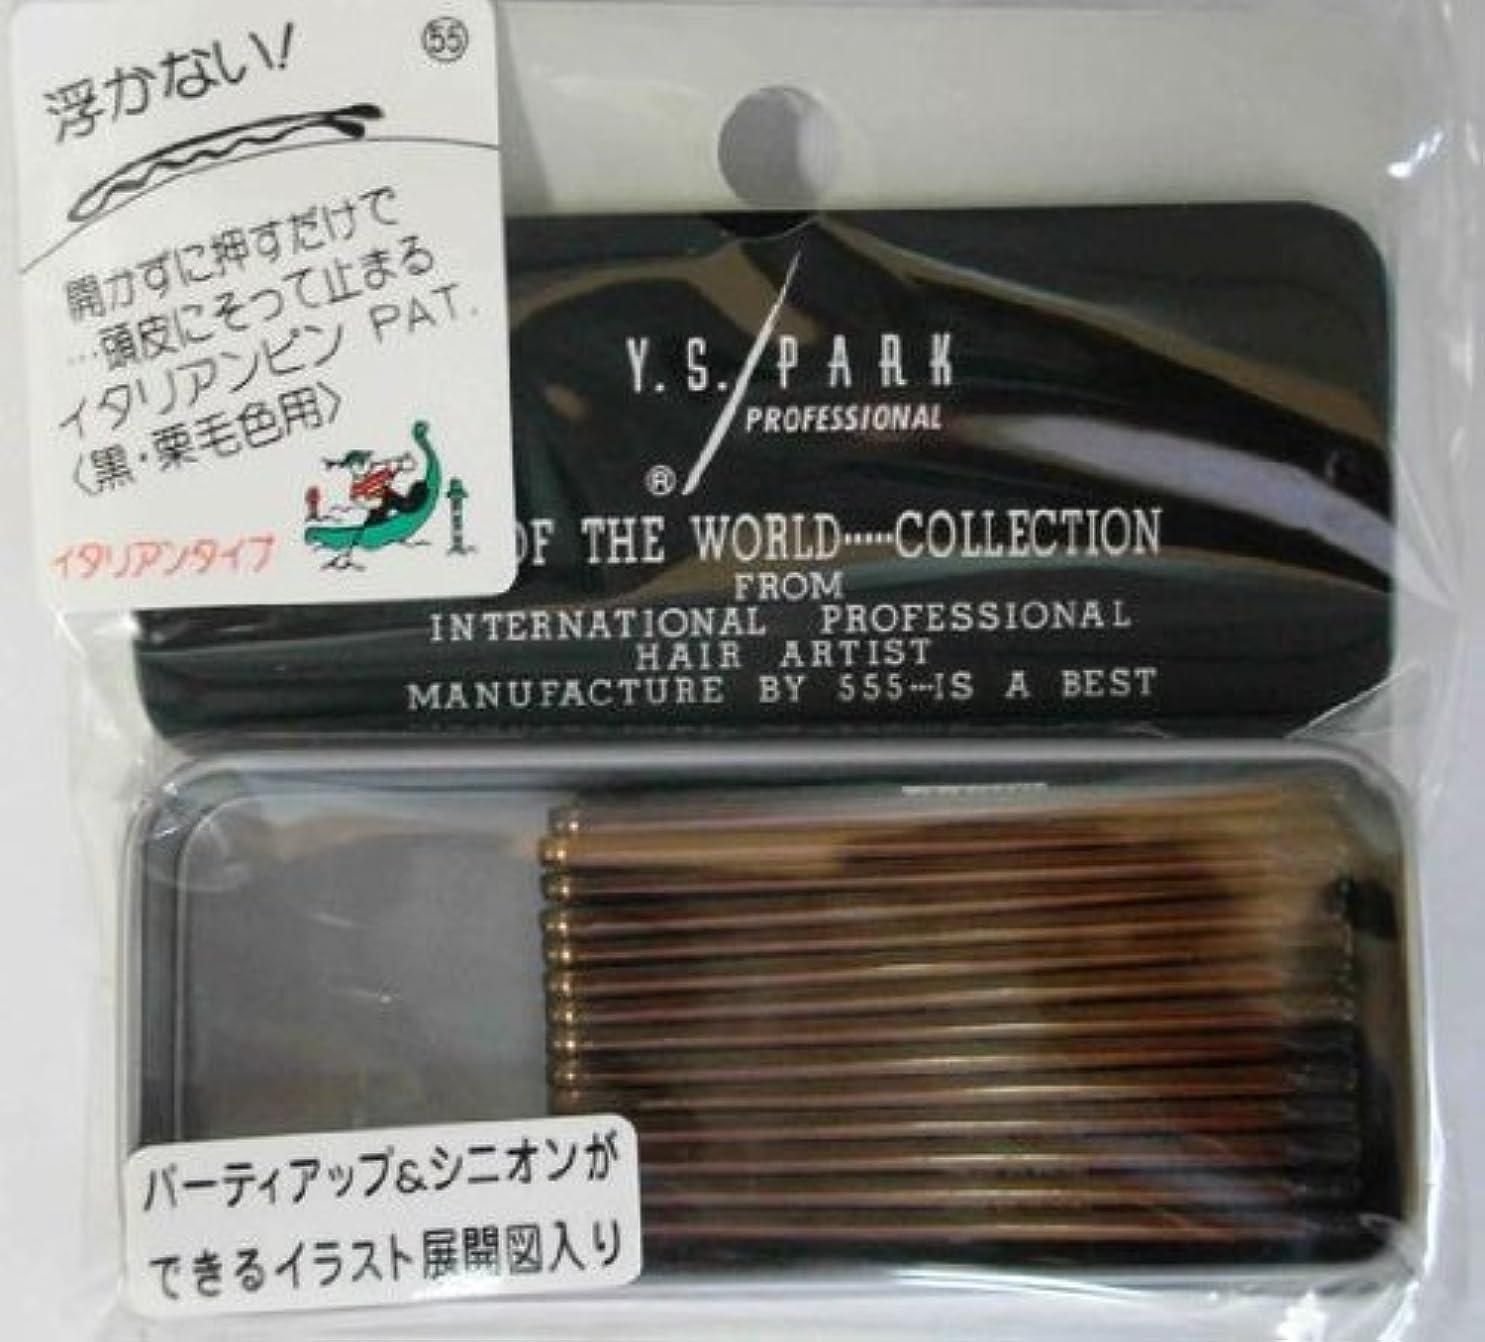 逆さまに失う実行可能Y.S.PARK世界のヘアピンコレクションNo.55(黒?栗毛色用)イタリアンタイプ28P